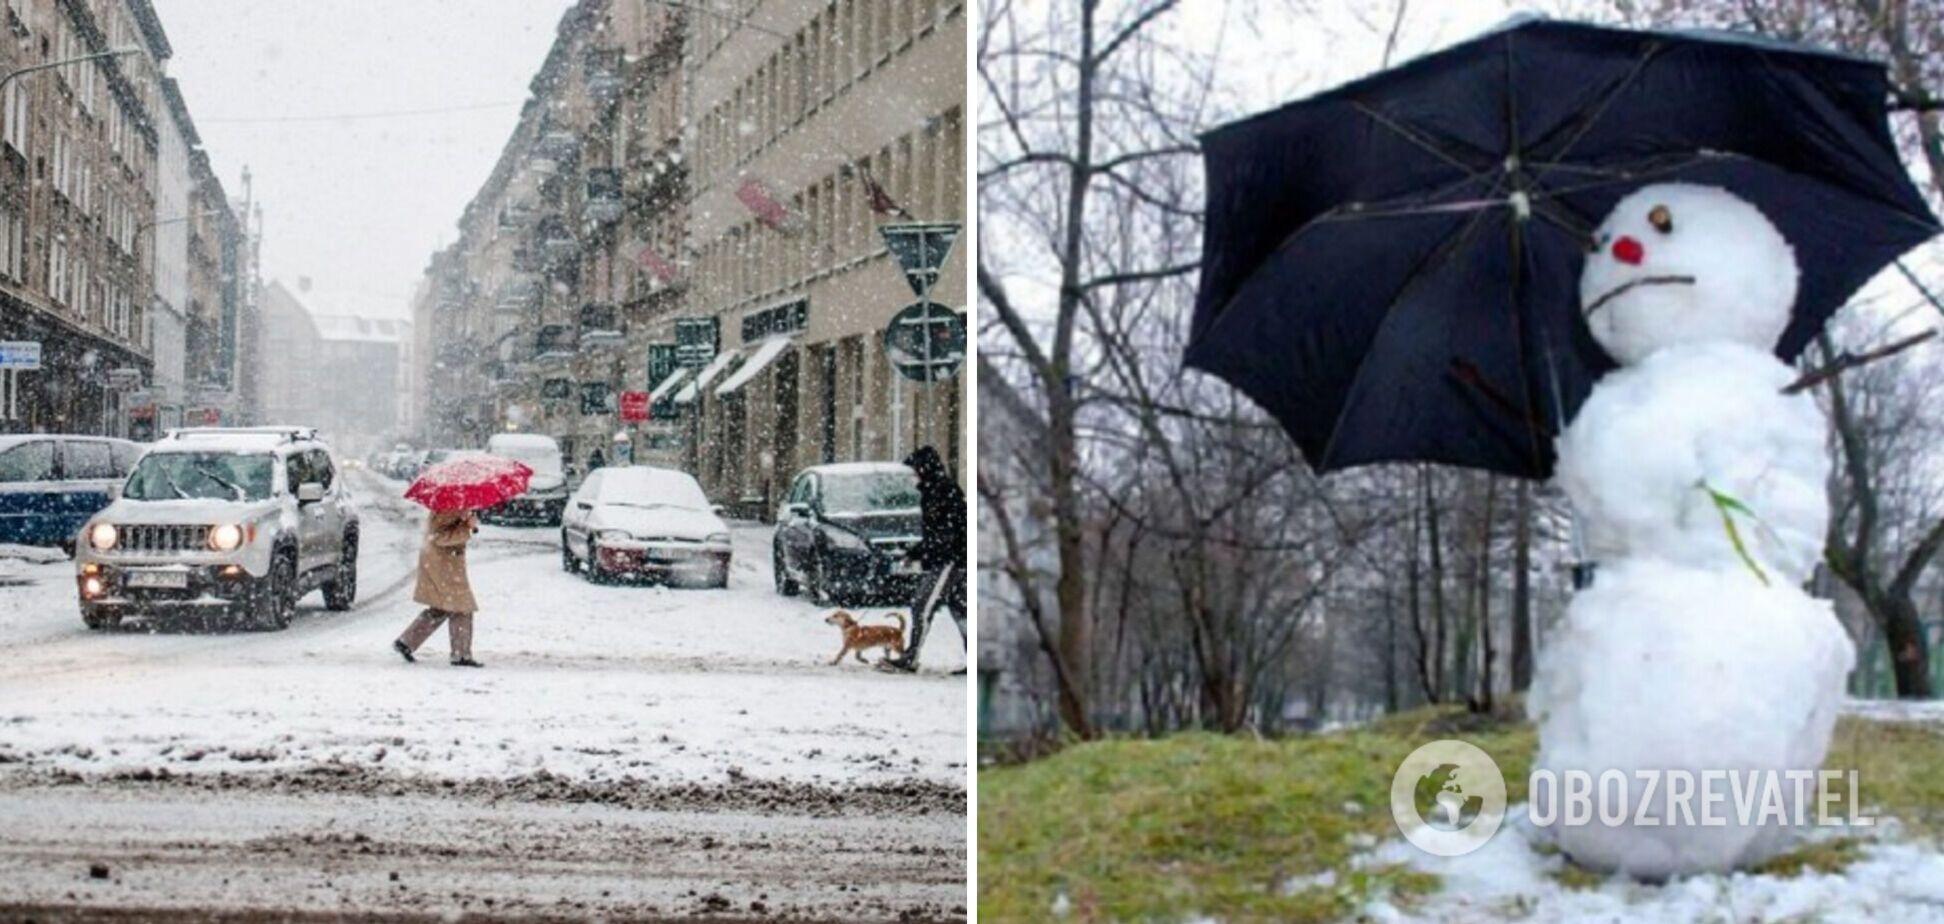 Количество зимних дней будет уменьшаться: Кульбида рассказал об изменении климата в Украине